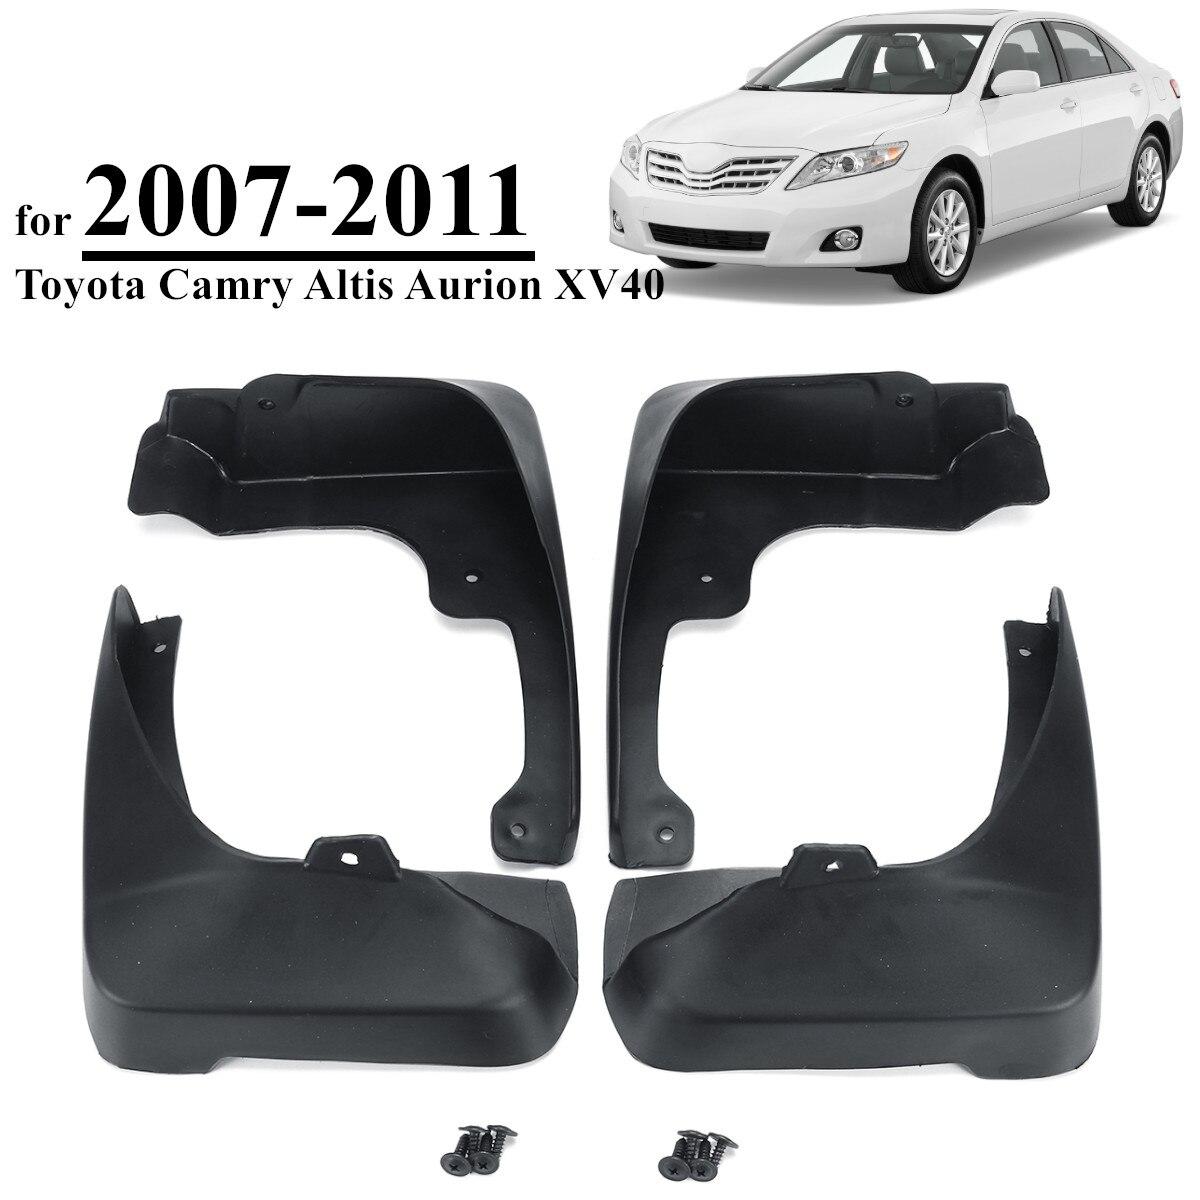 Voor Toyota Camry Altis Aurion XV40 2007-2011 Auto Spatlappen Wielkasten Spatborden Spatlappen Splash Guards